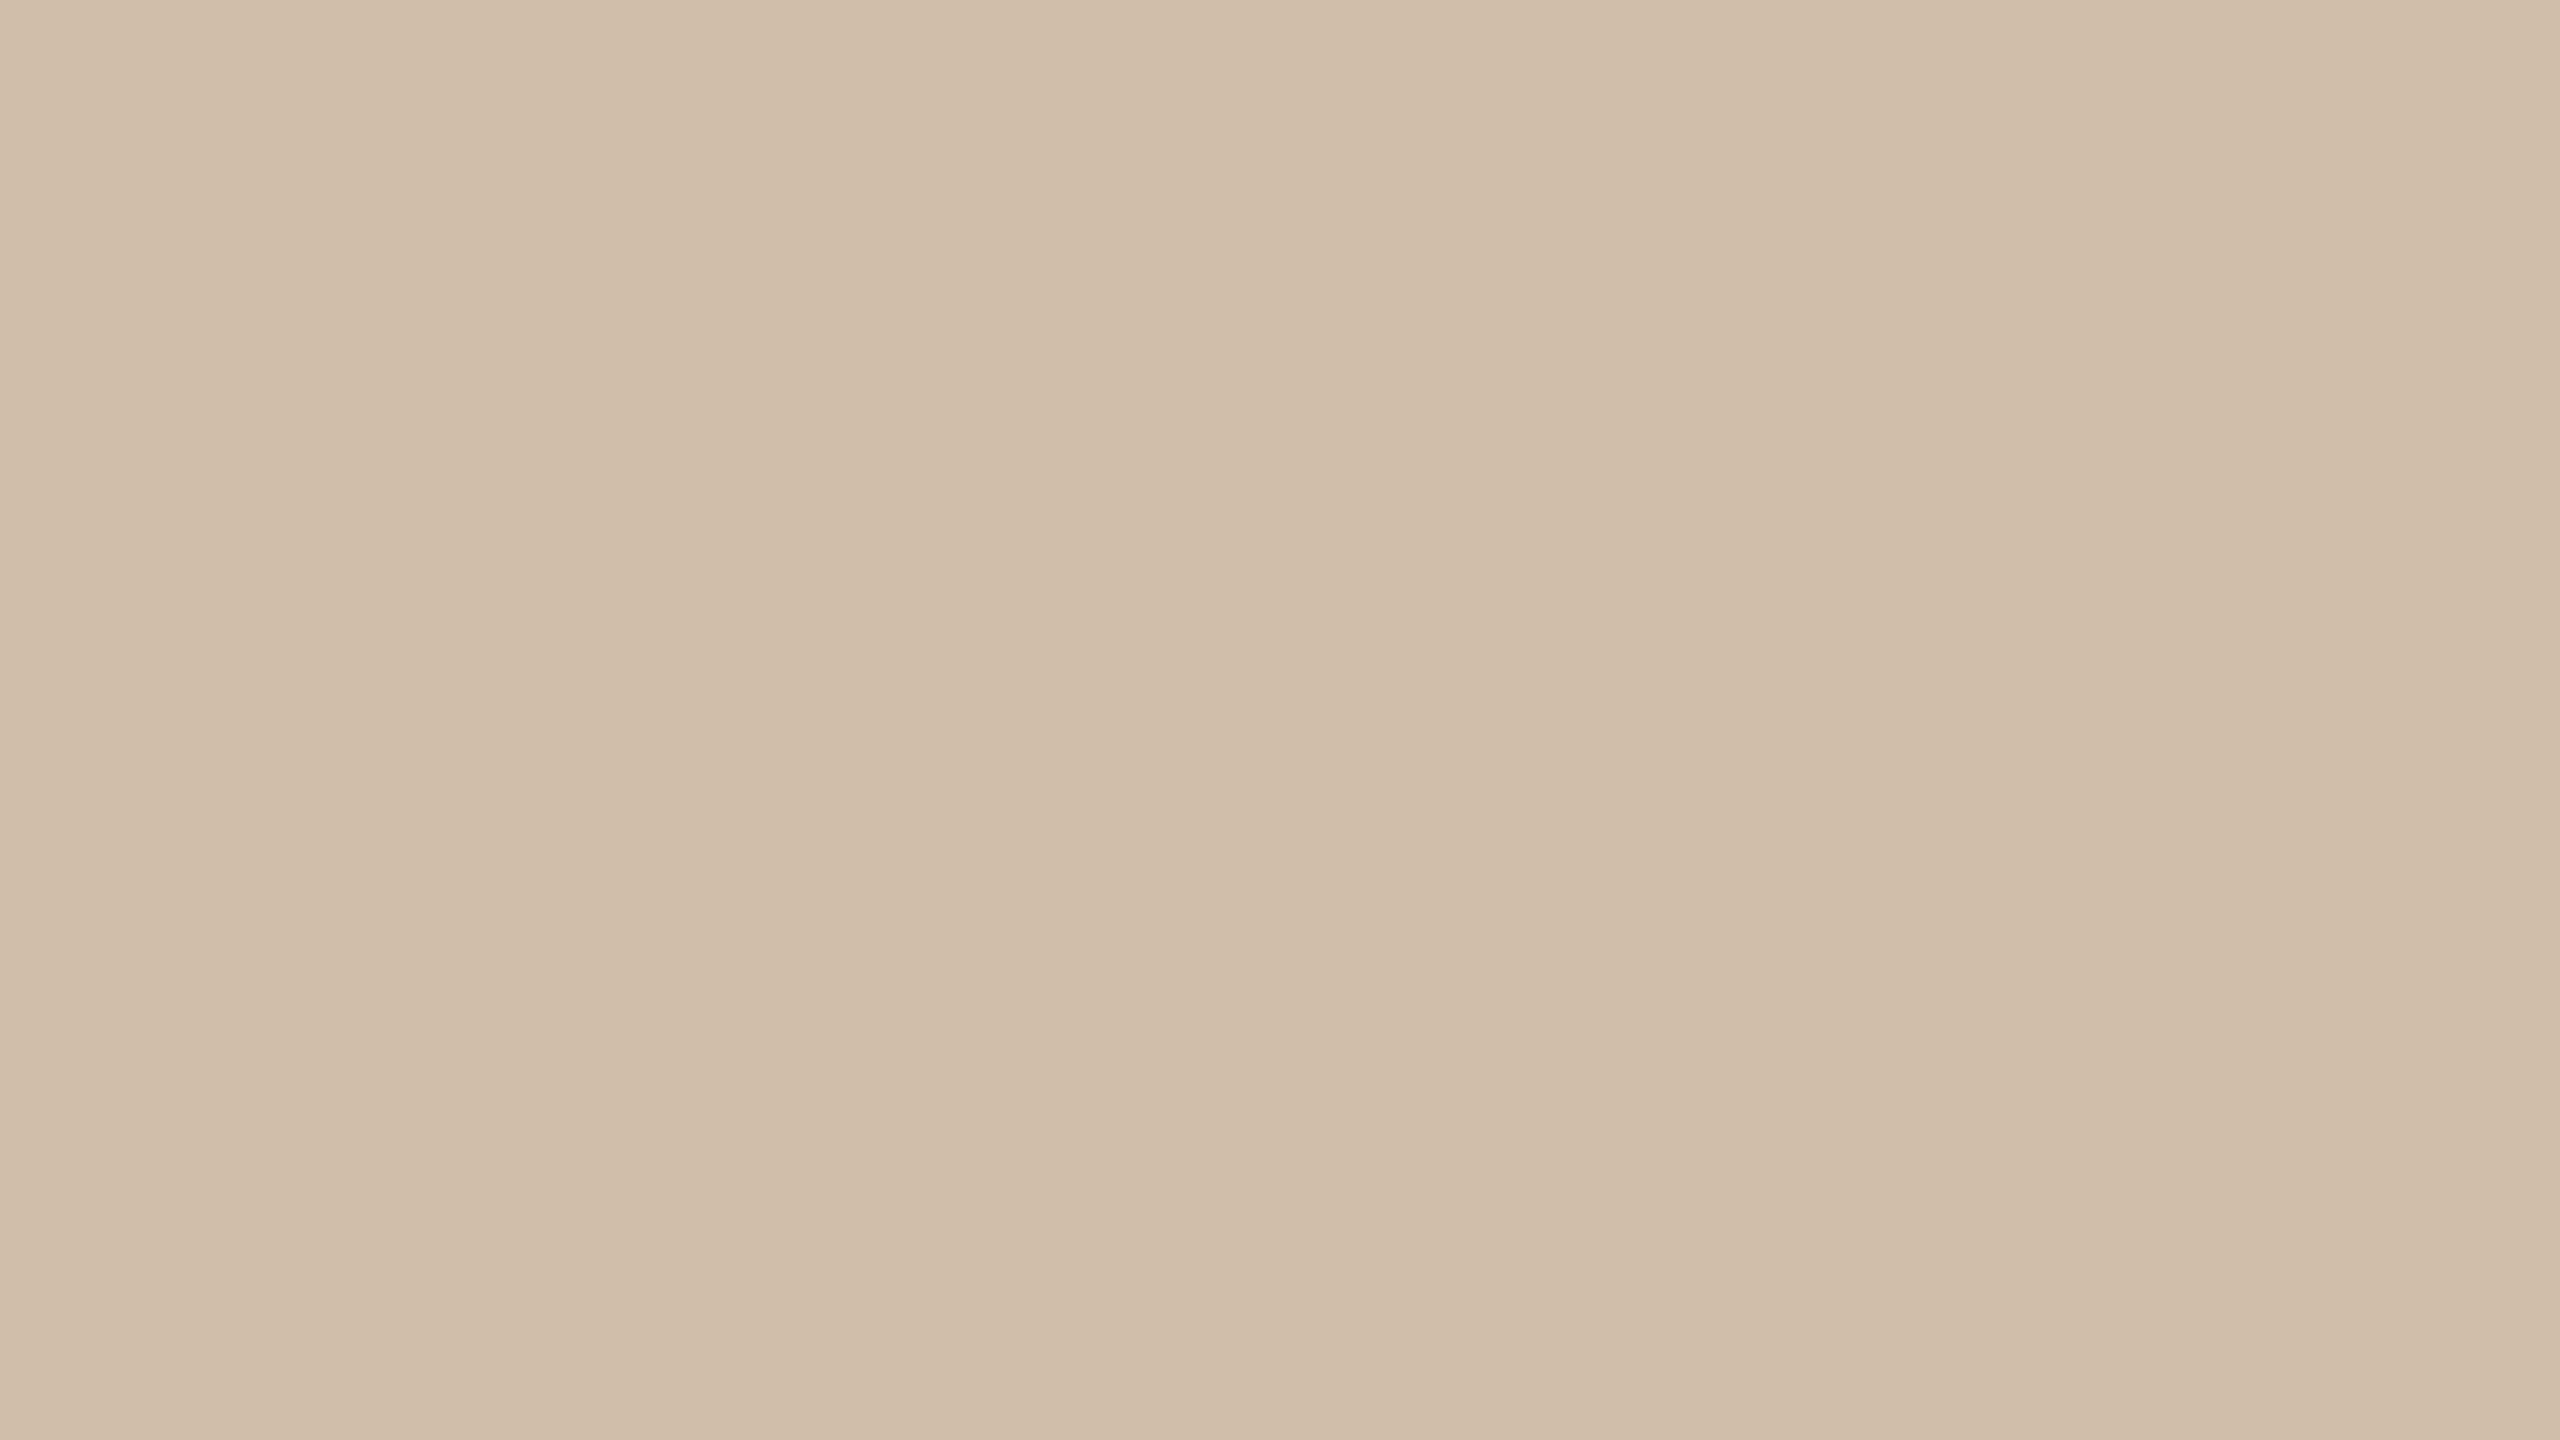 2560x1440 Dark Vanilla Solid Color Background